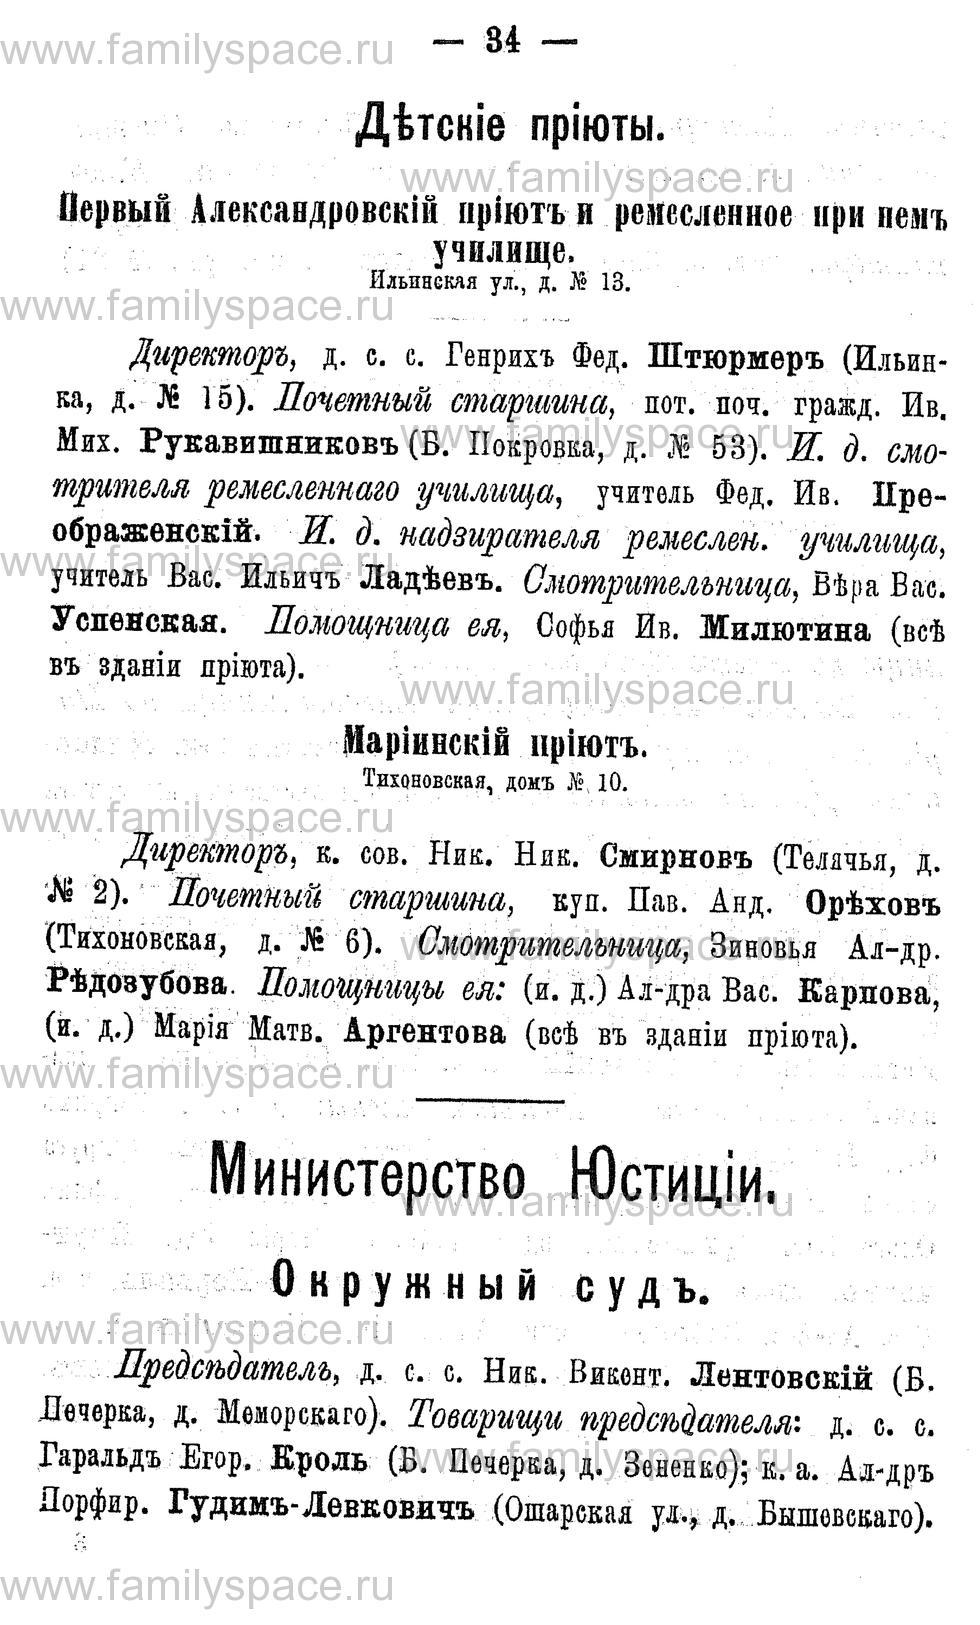 Поиск по фамилии - Адрес-календарь Нижегородской губернии на 1891 год, страница 34